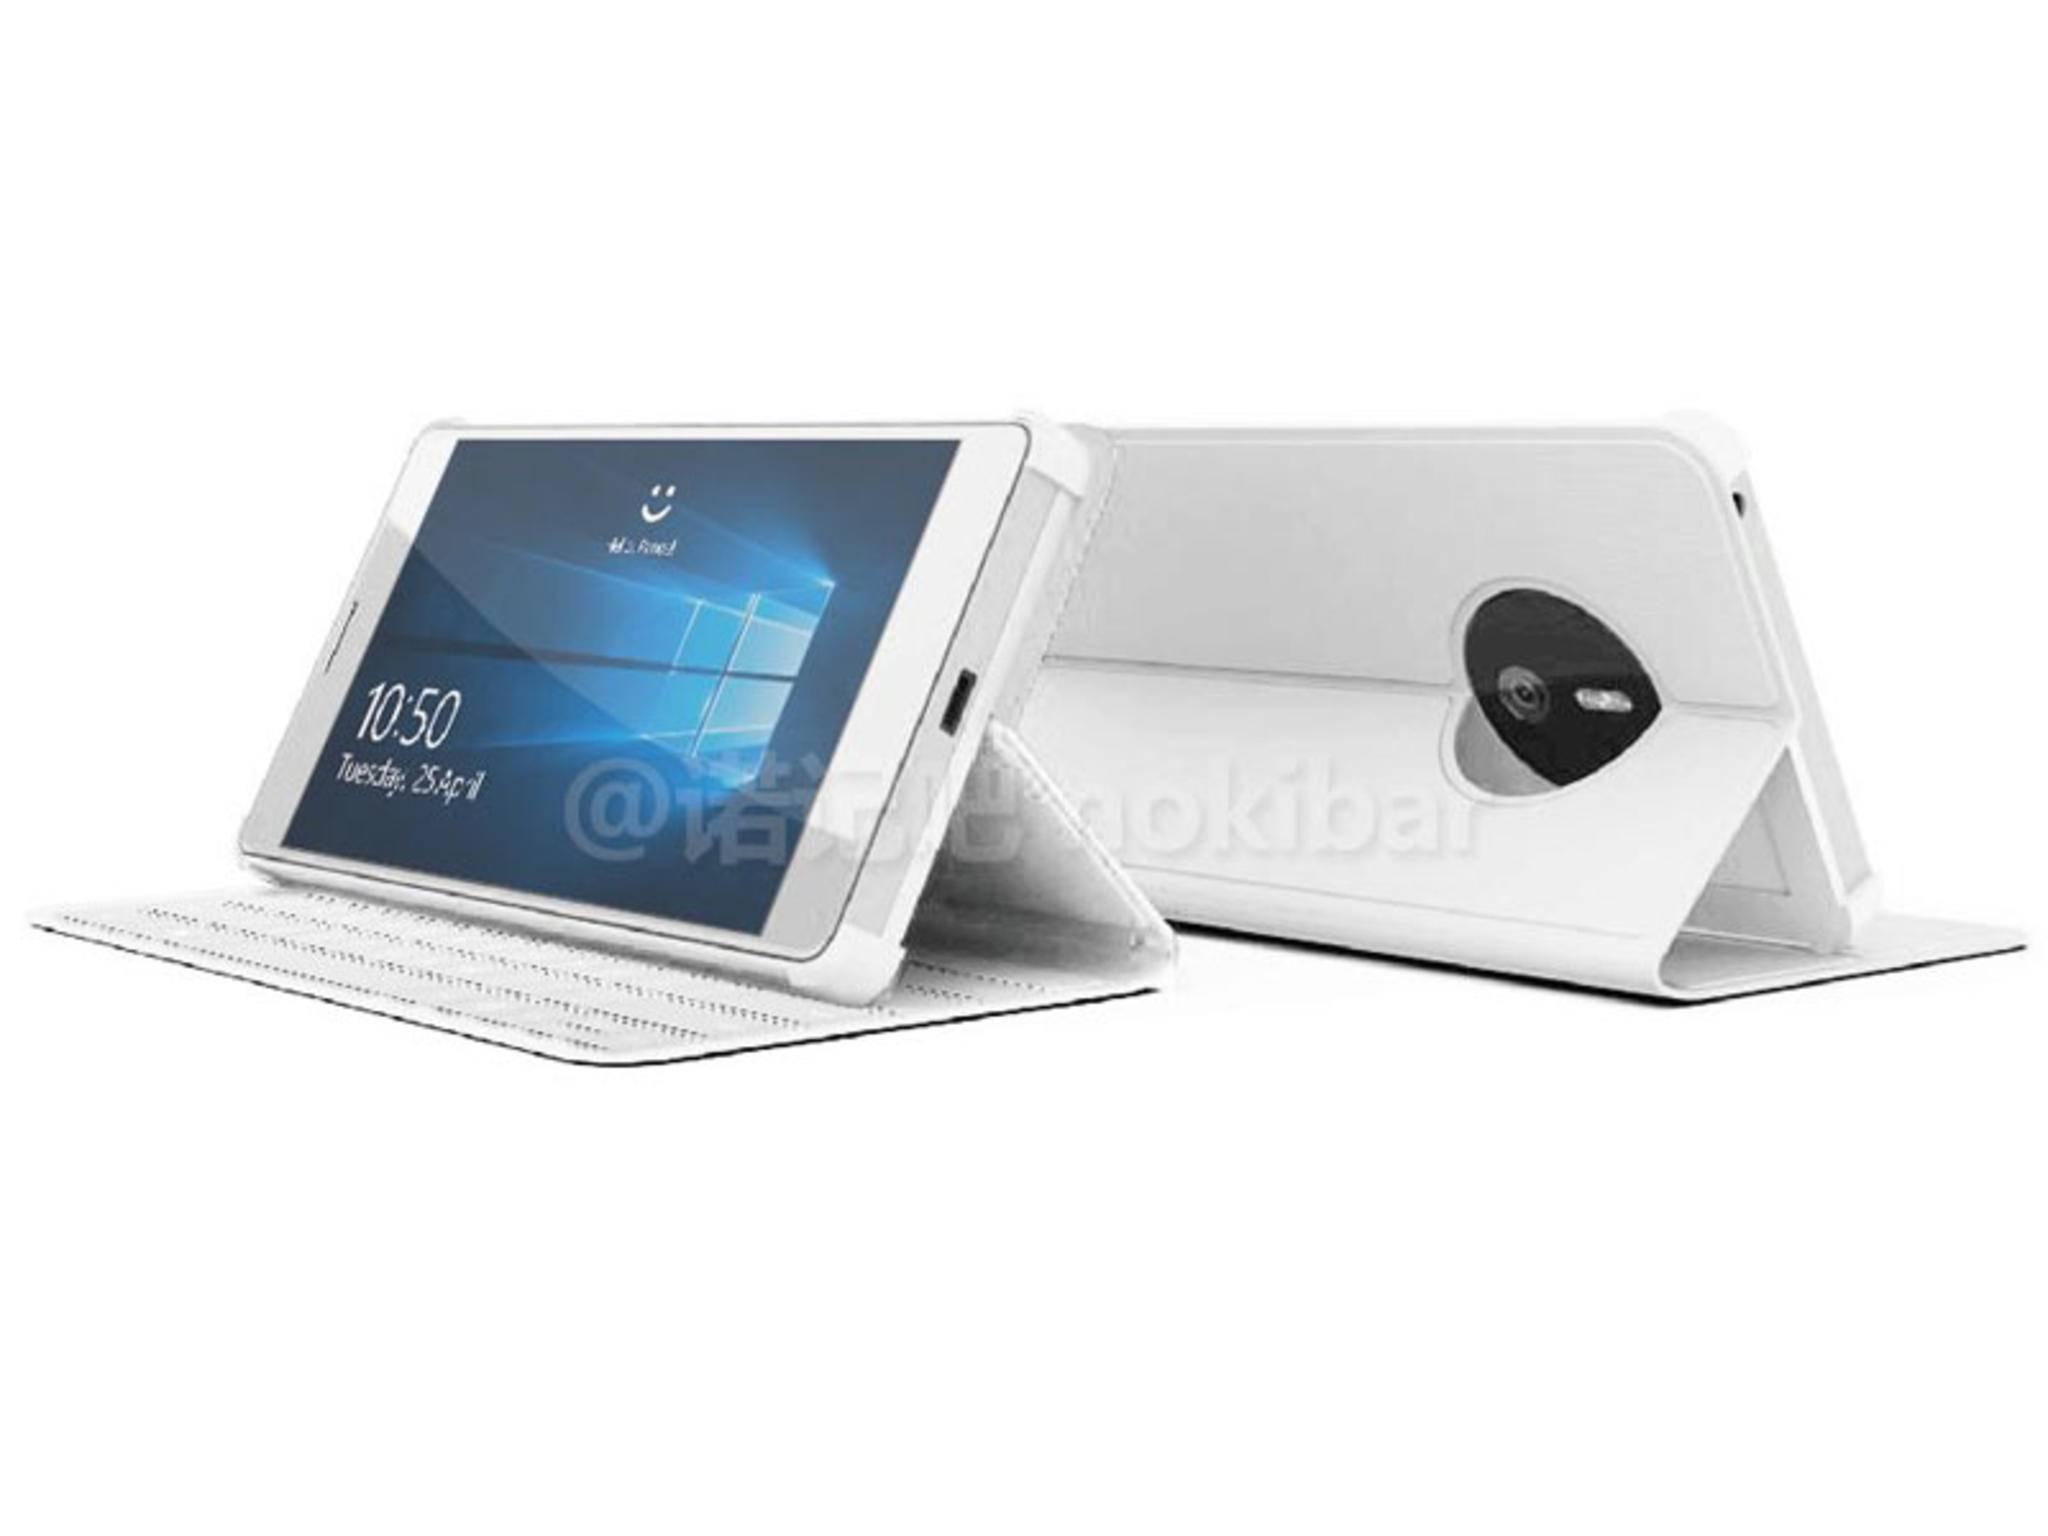 Vom Surface Phone existieren bislang nur Render-Konzepte.